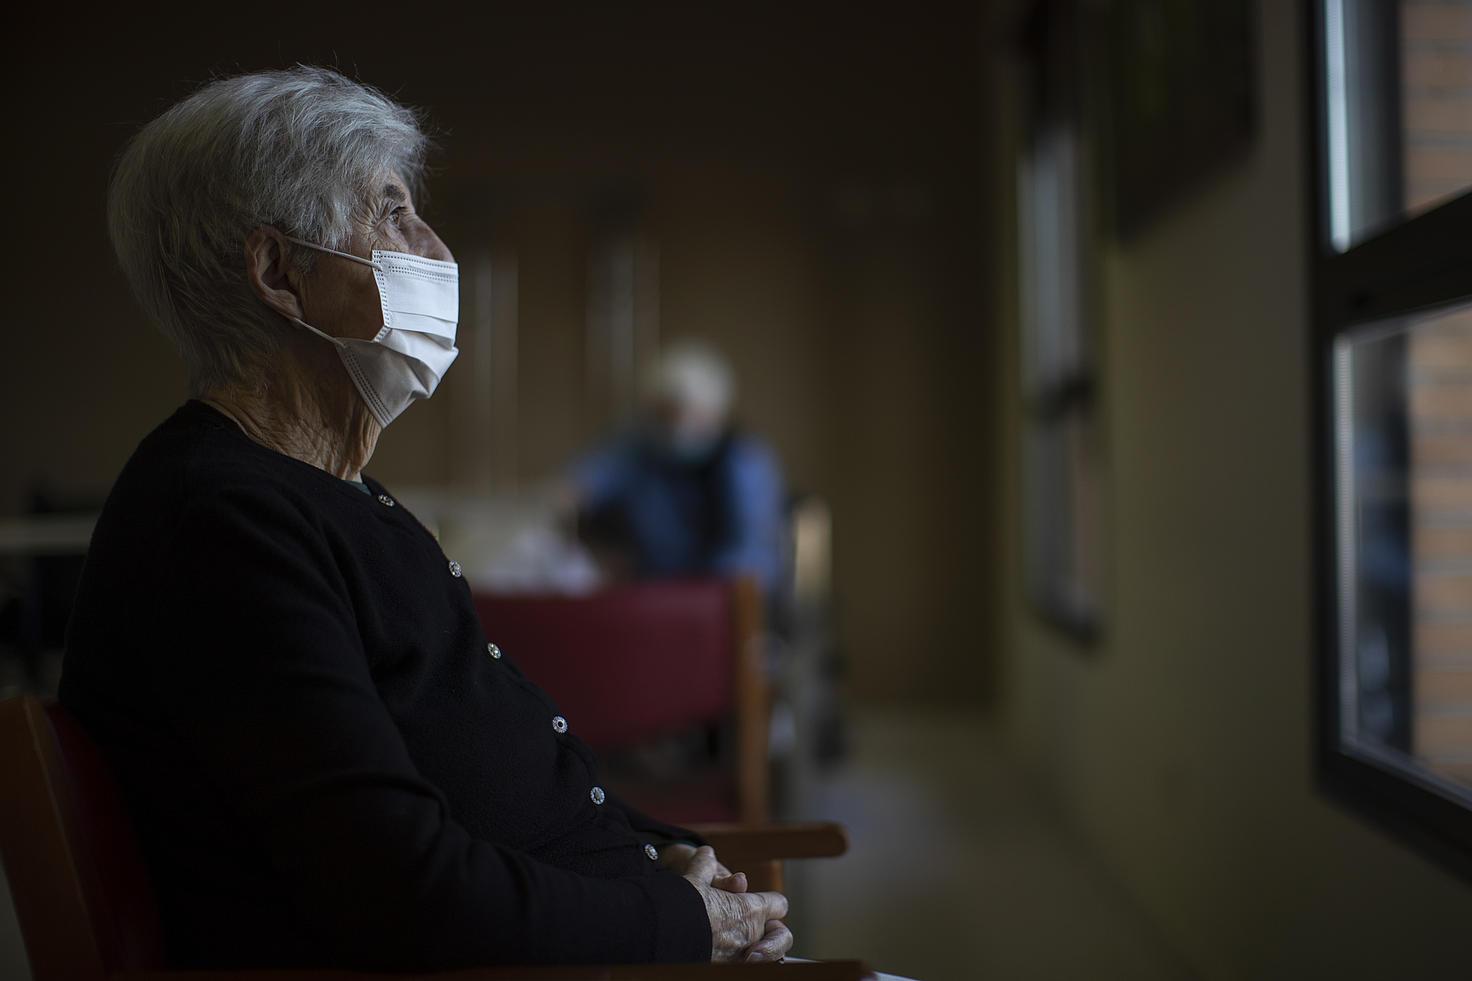 Siete medidas legales para que las personas mayores no sean abandonadas a su suerte nunca más en las residencias